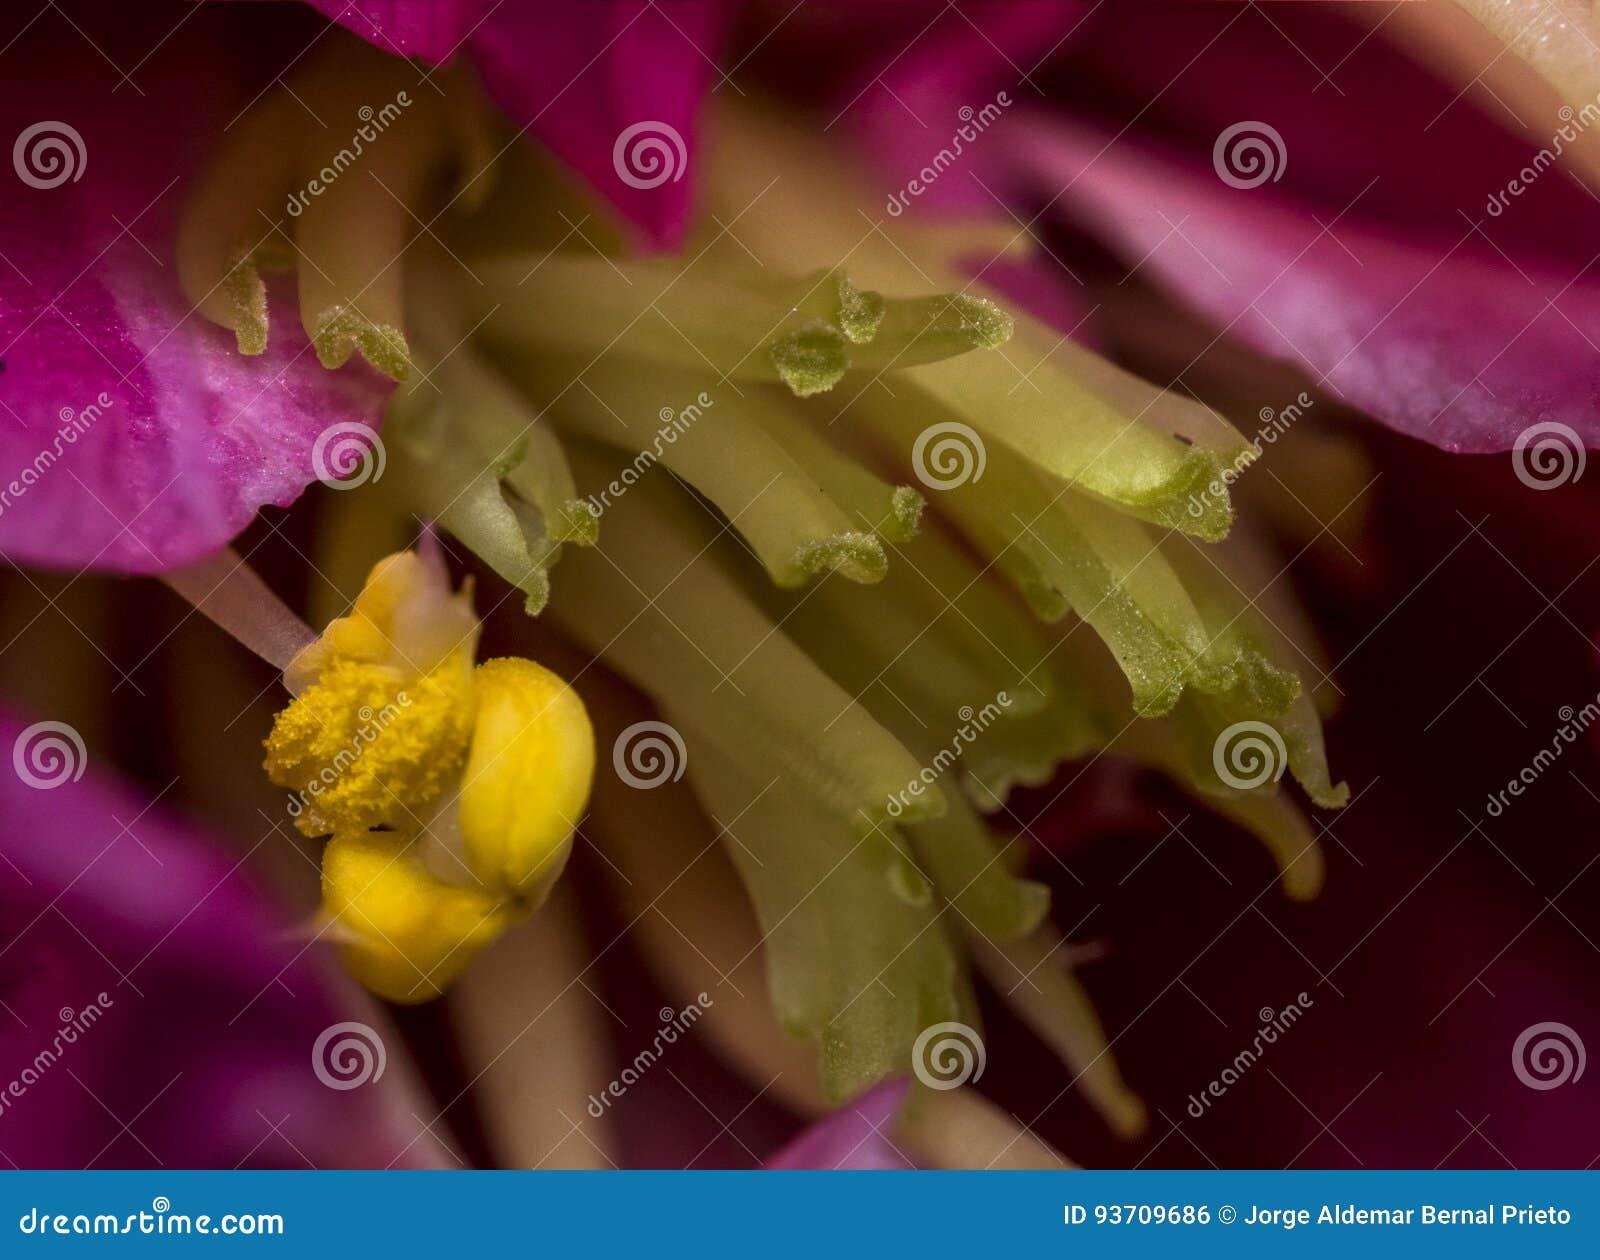 Étamine jaune sur la fleur rose photo stock - image: 93709686